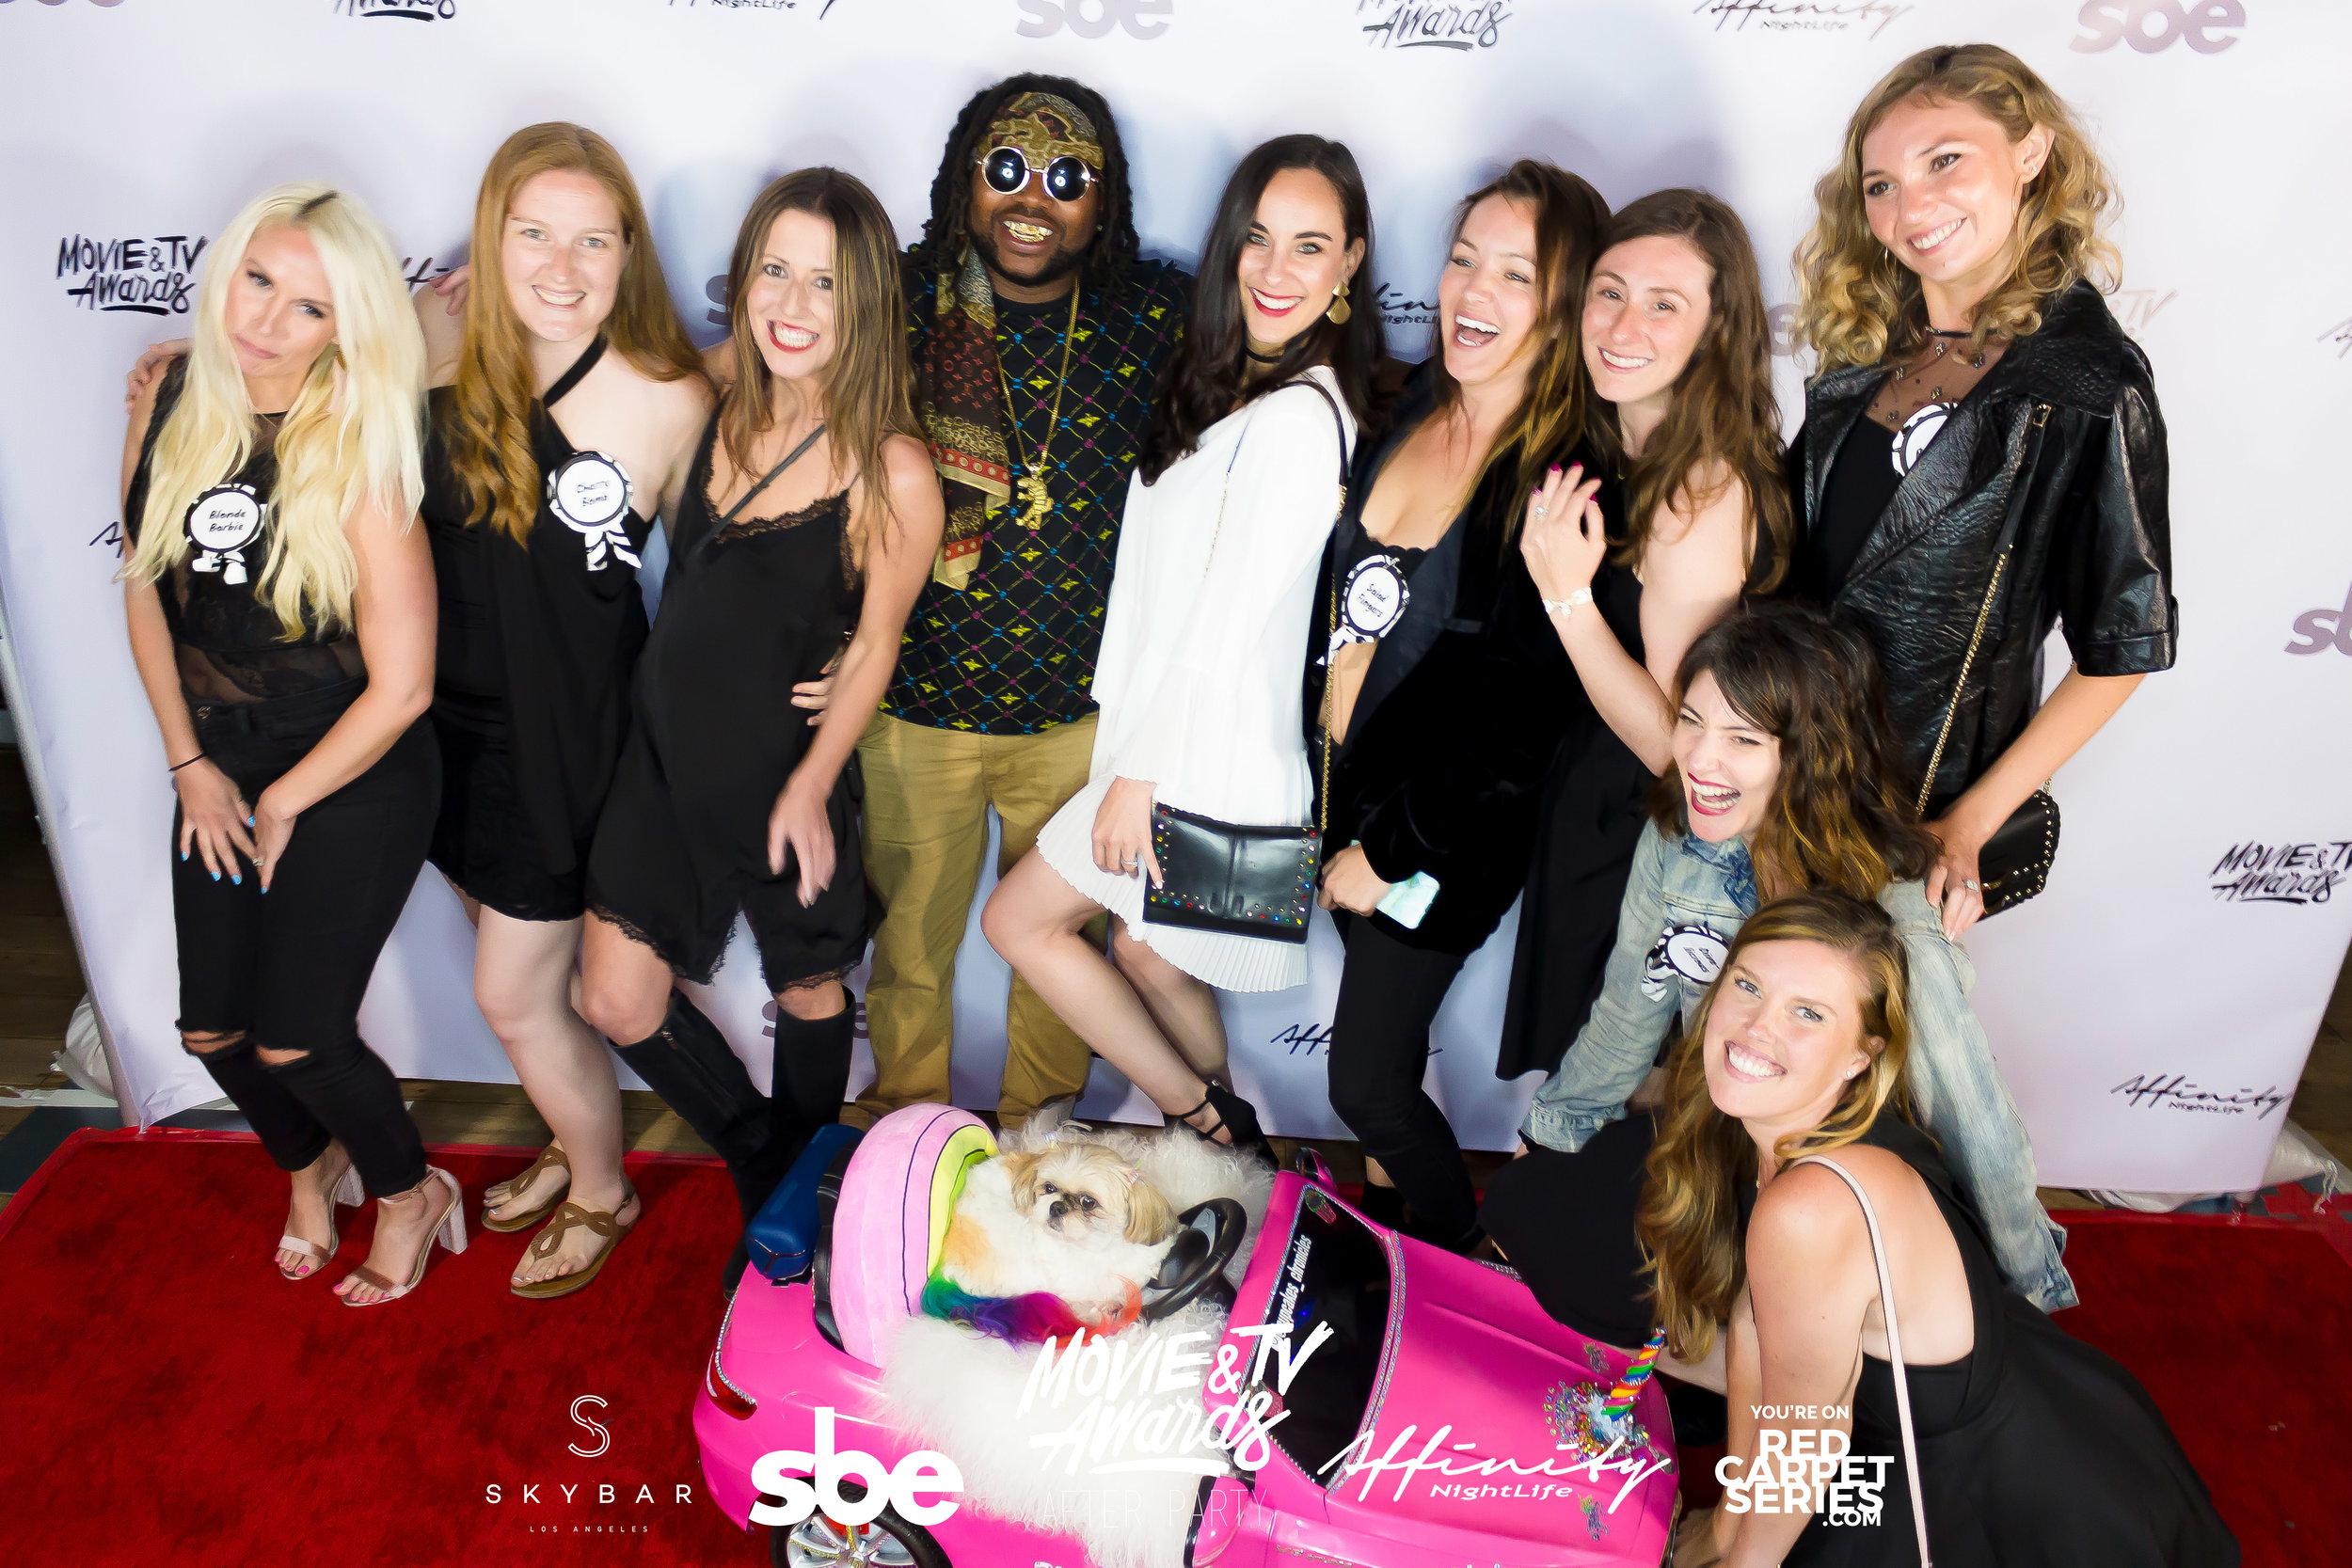 Affinity Nightlife MTV Movie & TV Awards After Party - Skybar at Mondrian - 06-15-19 - Vol. 2_126.jpg